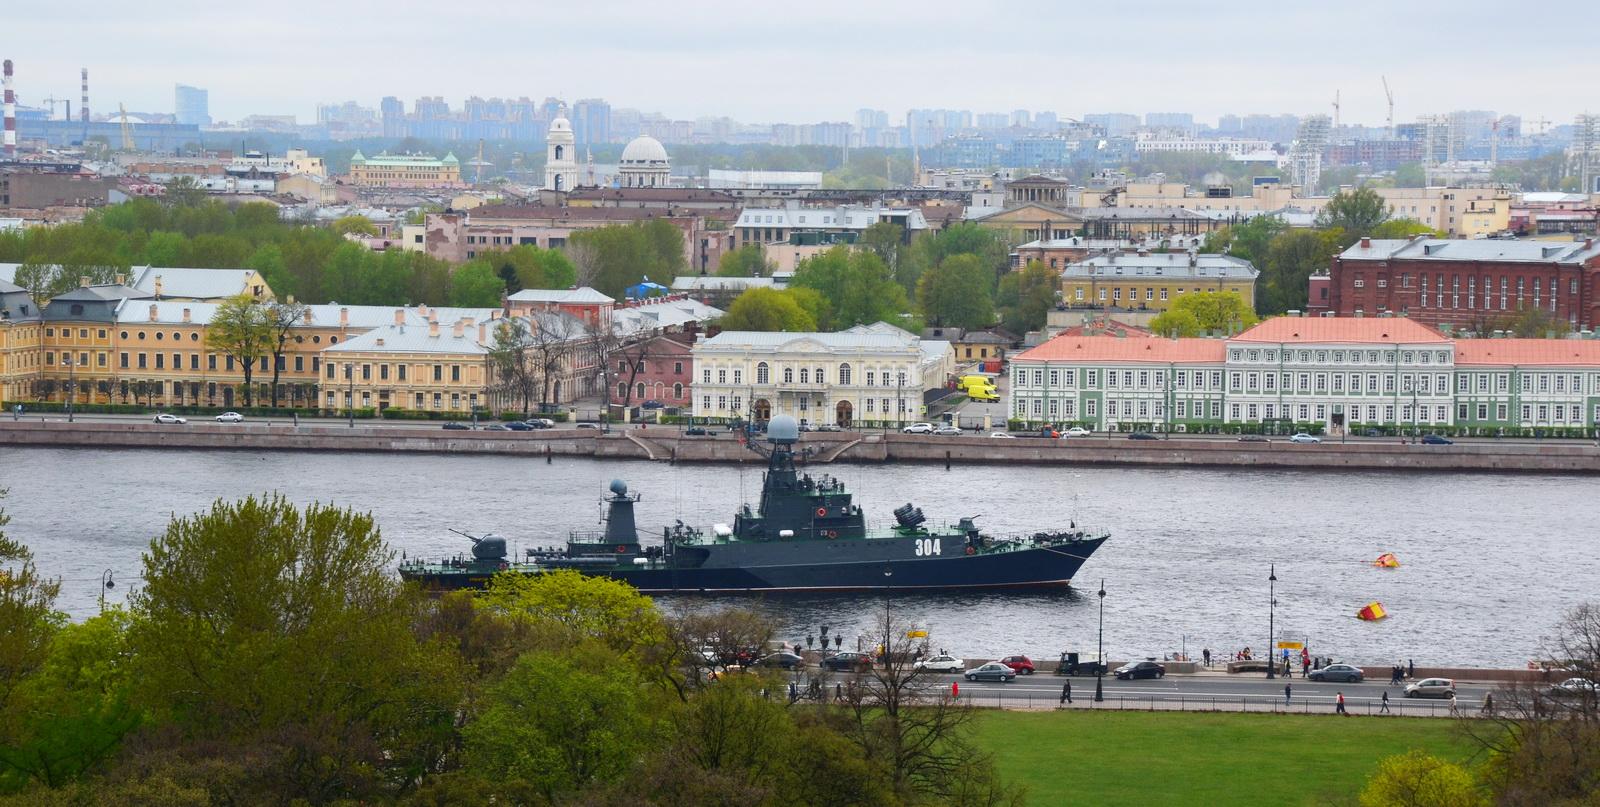 Вид на Неву и Университетскую набережную с Меншиковским дворцом